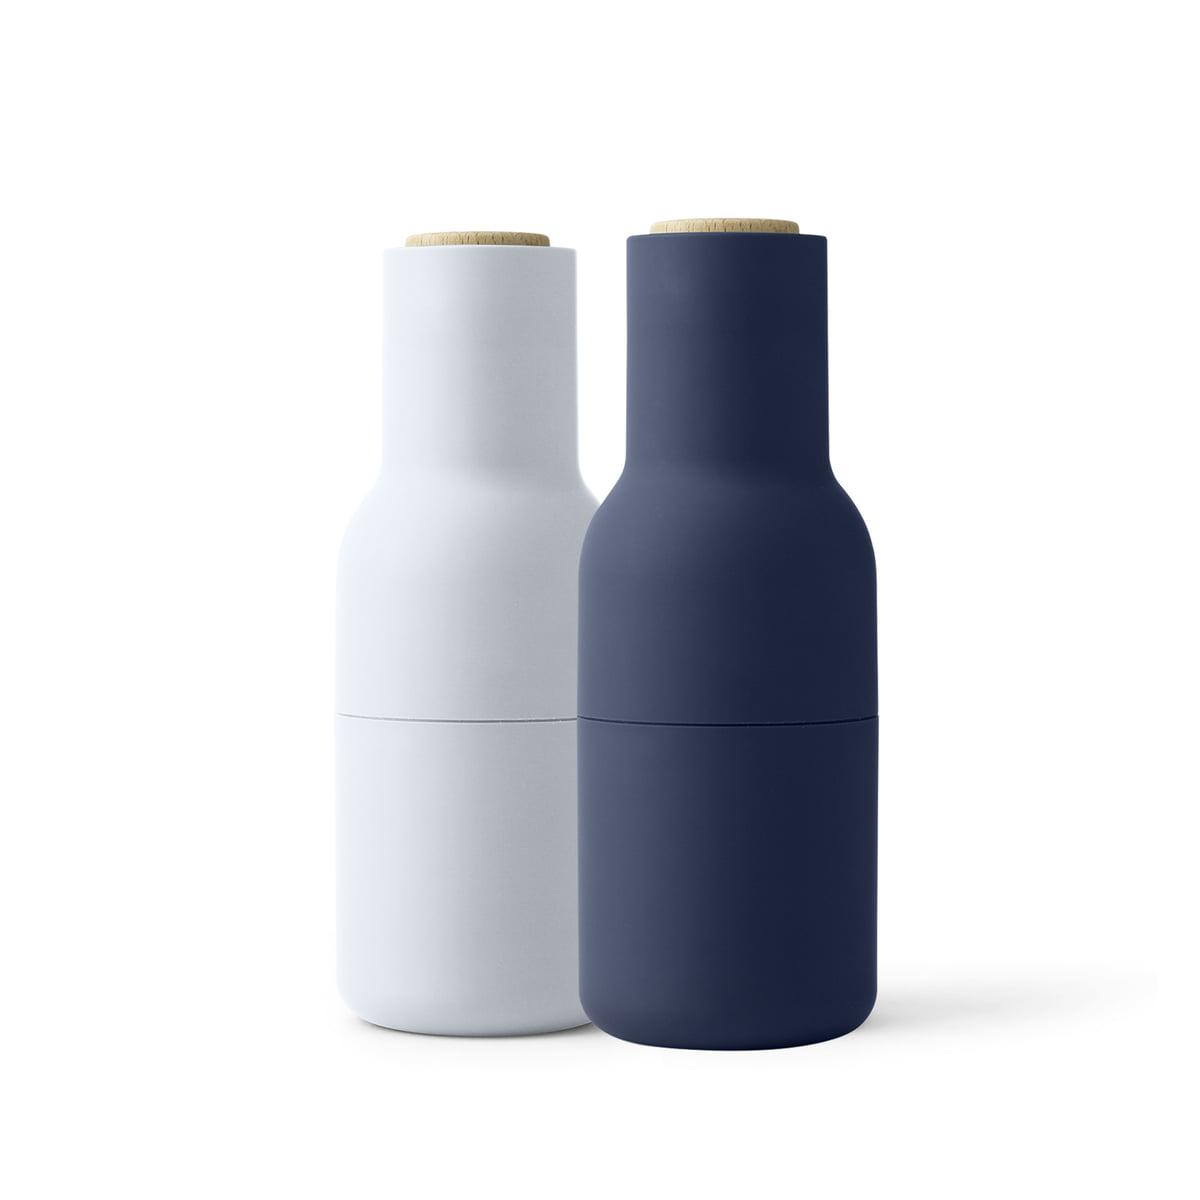 Menu - Ensemble moulin à bottle sel et poivre, classic blue (couvercle en bois)